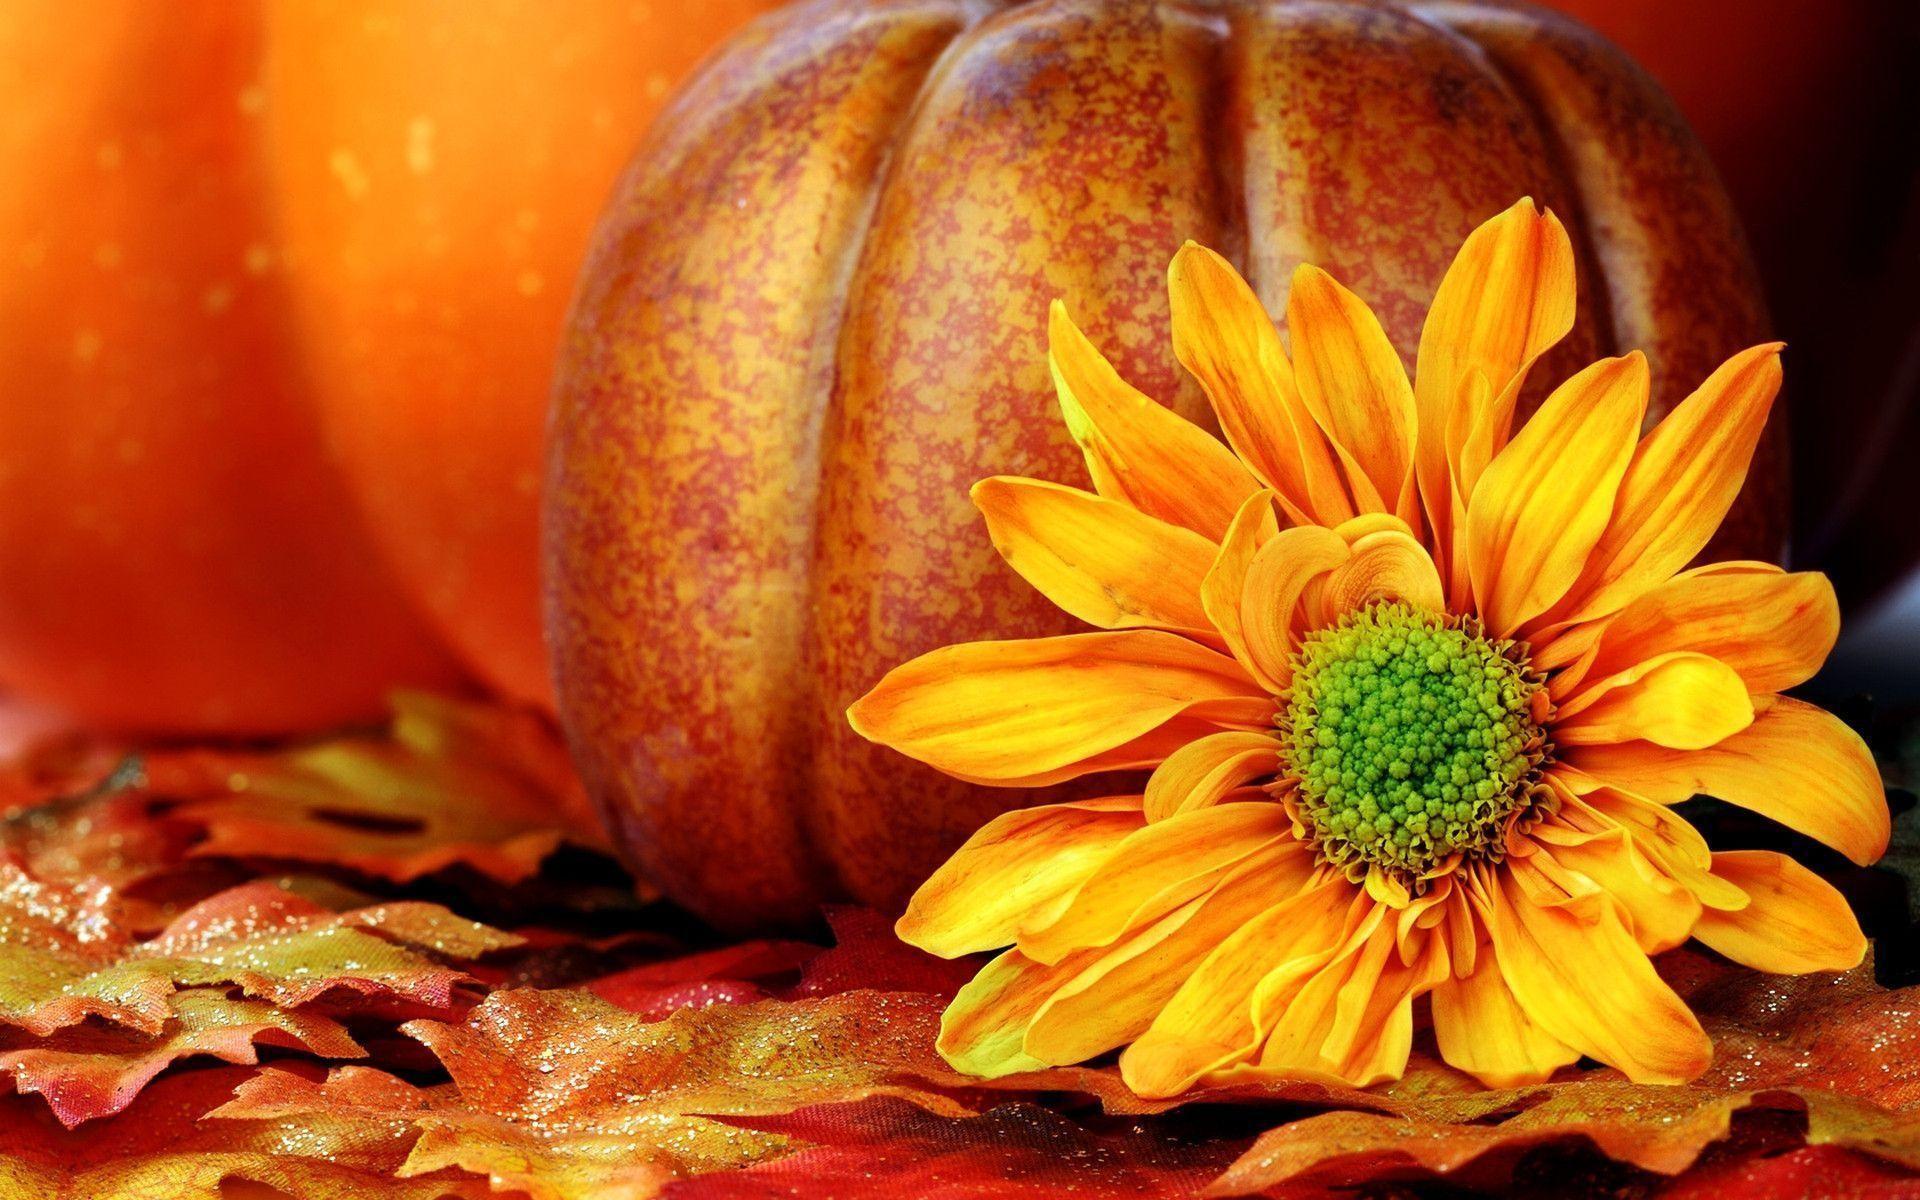 Autumn Pumpkin Wallpaper – Wallpaper HD